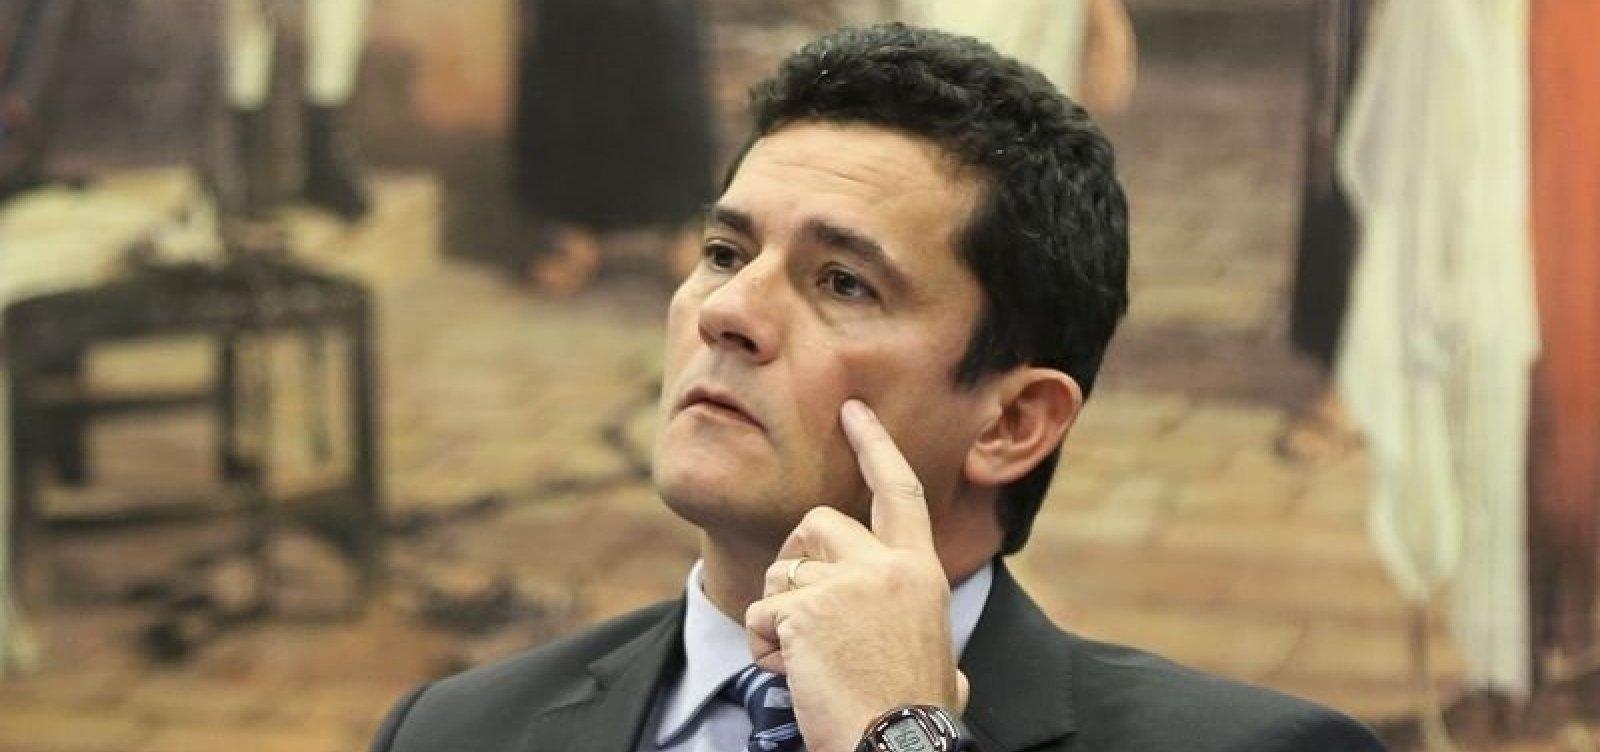 ['Não vislumbro risco de autoritarismo', diz Moro sobre governo de Bolsonaro]